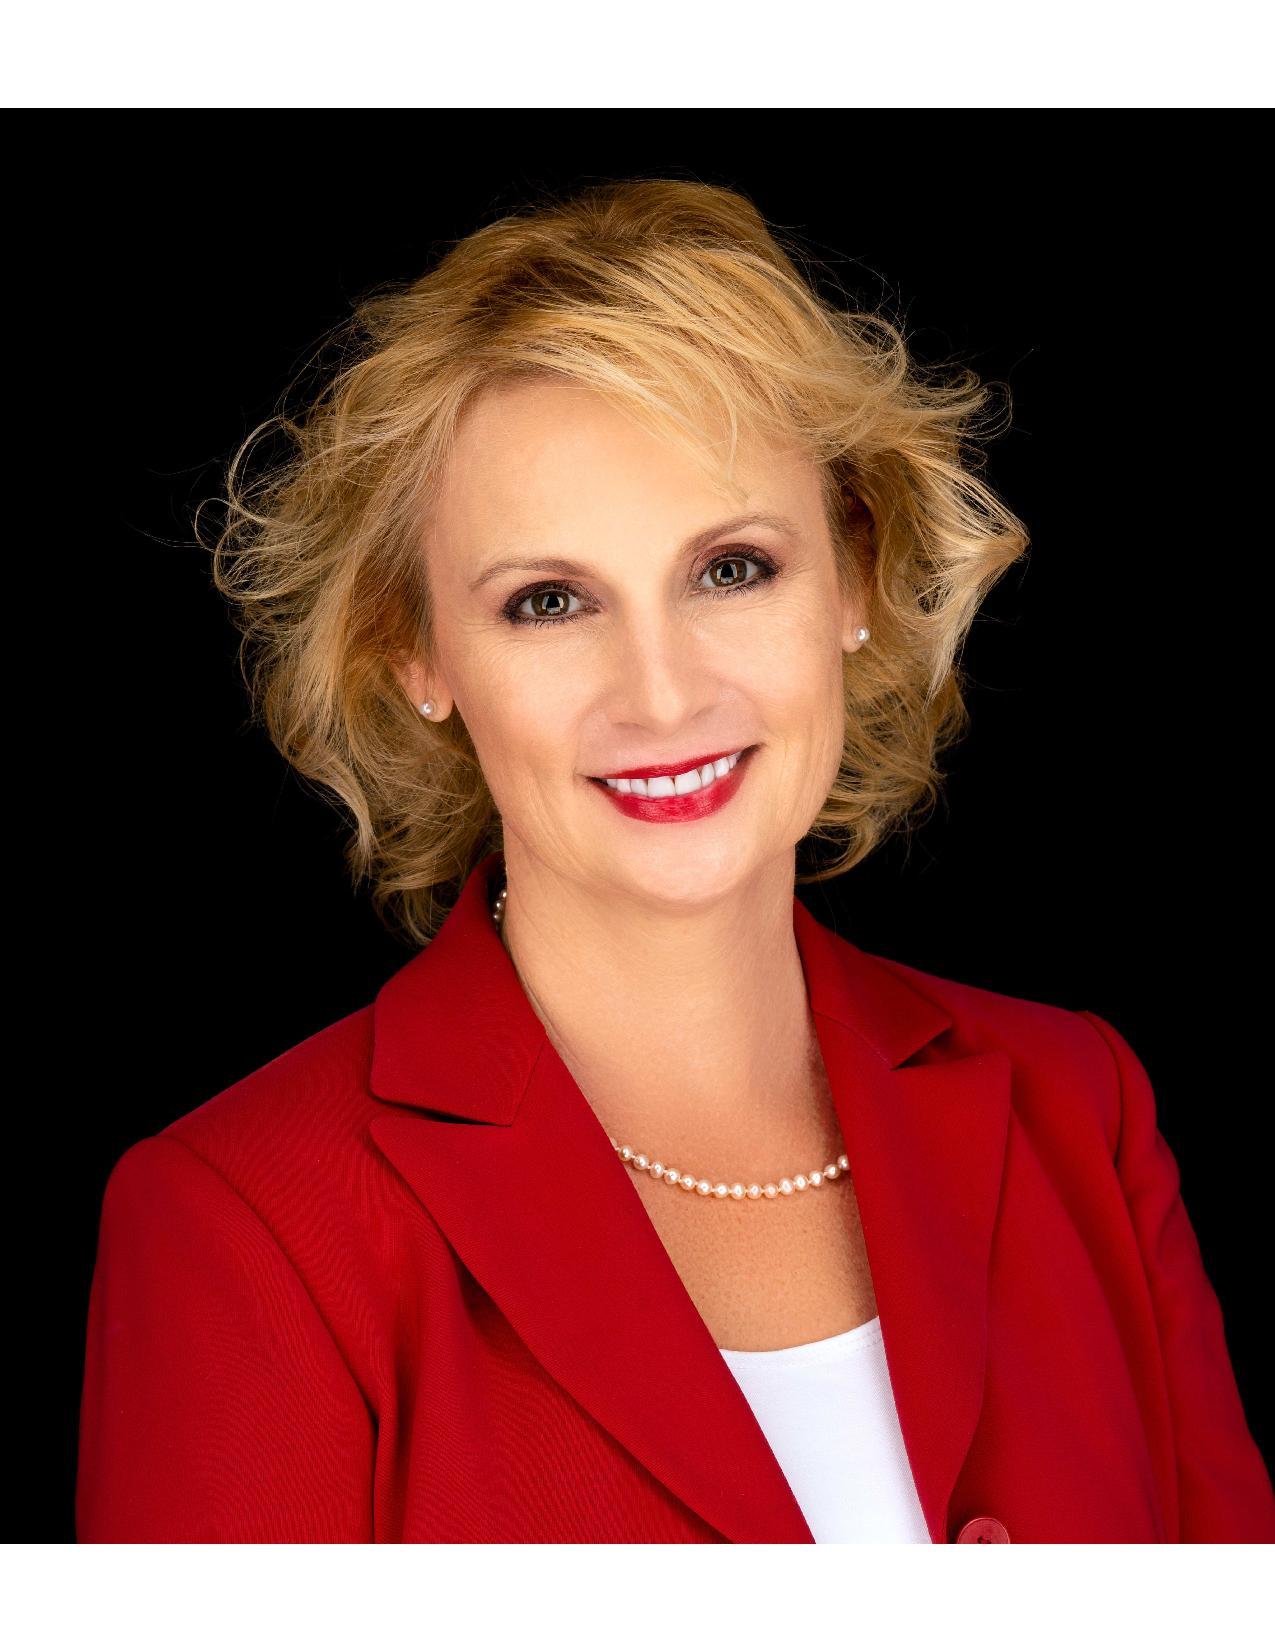 Alison Boscovich